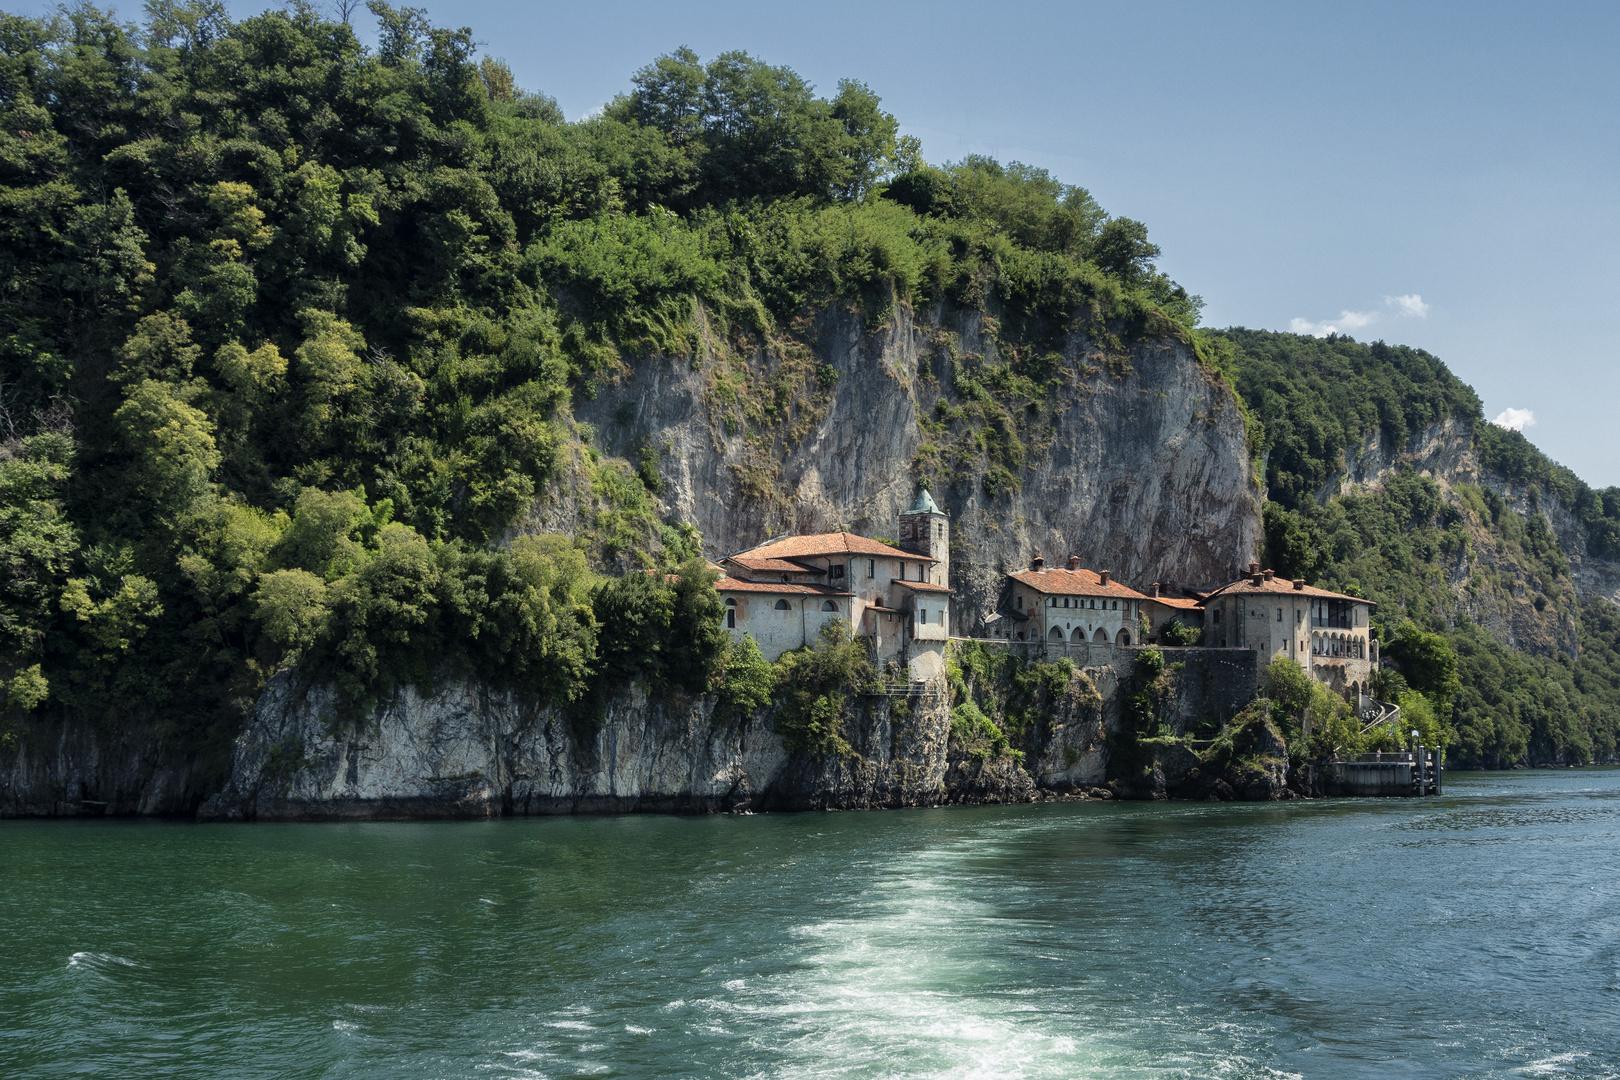 Monastero di Santa Caterina del Sasso, lago Maggiore